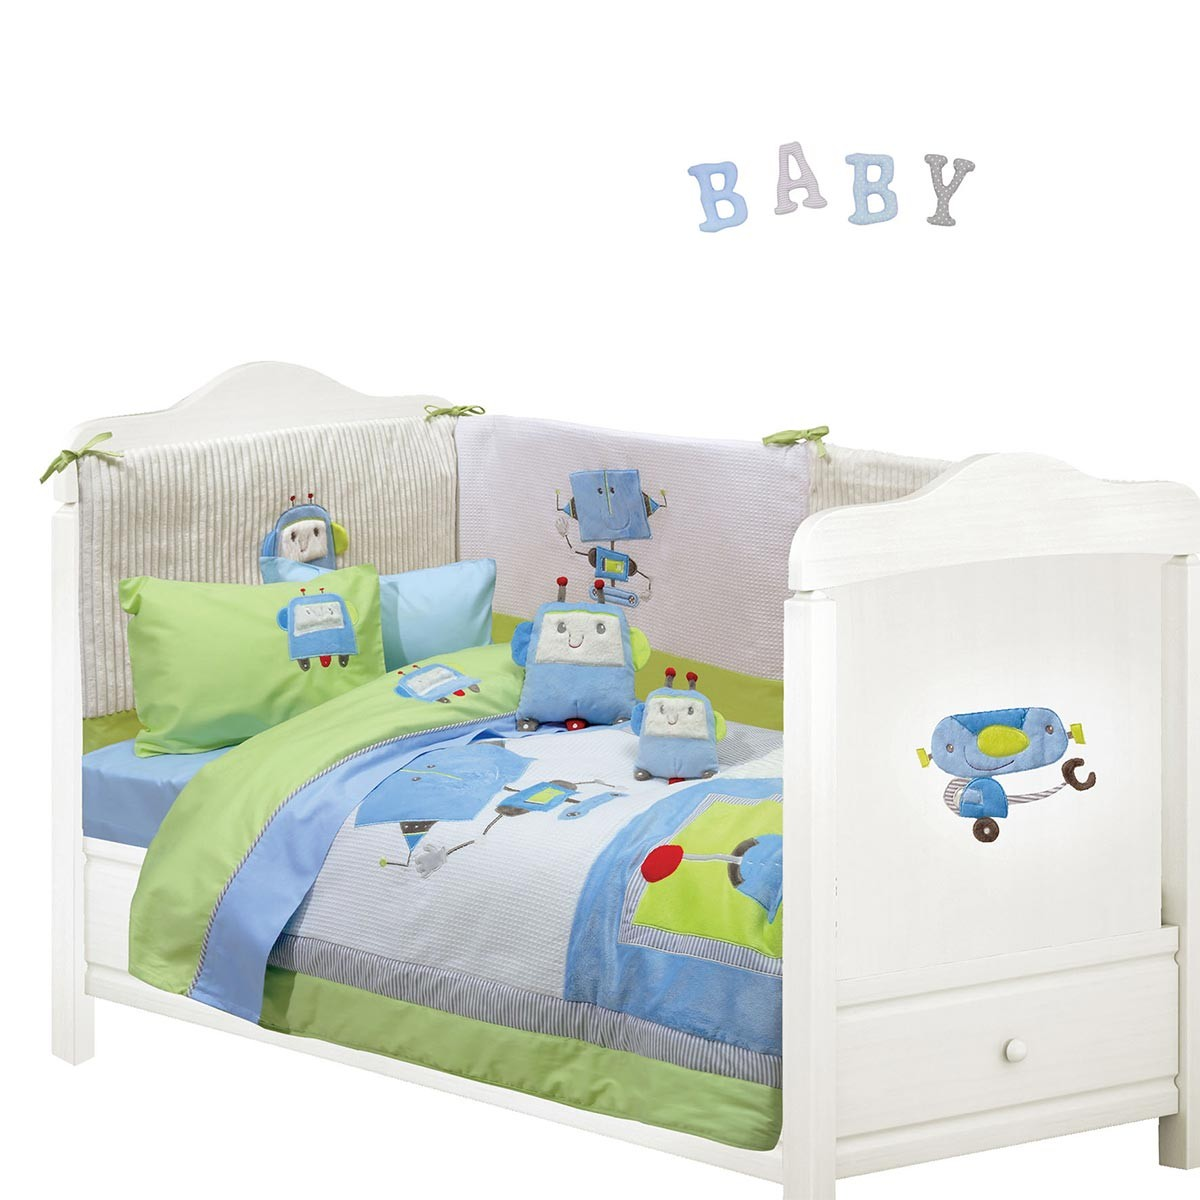 Σεντόνια Κούνιας (Σετ) Das Home Dream Embroidery 6397 66770